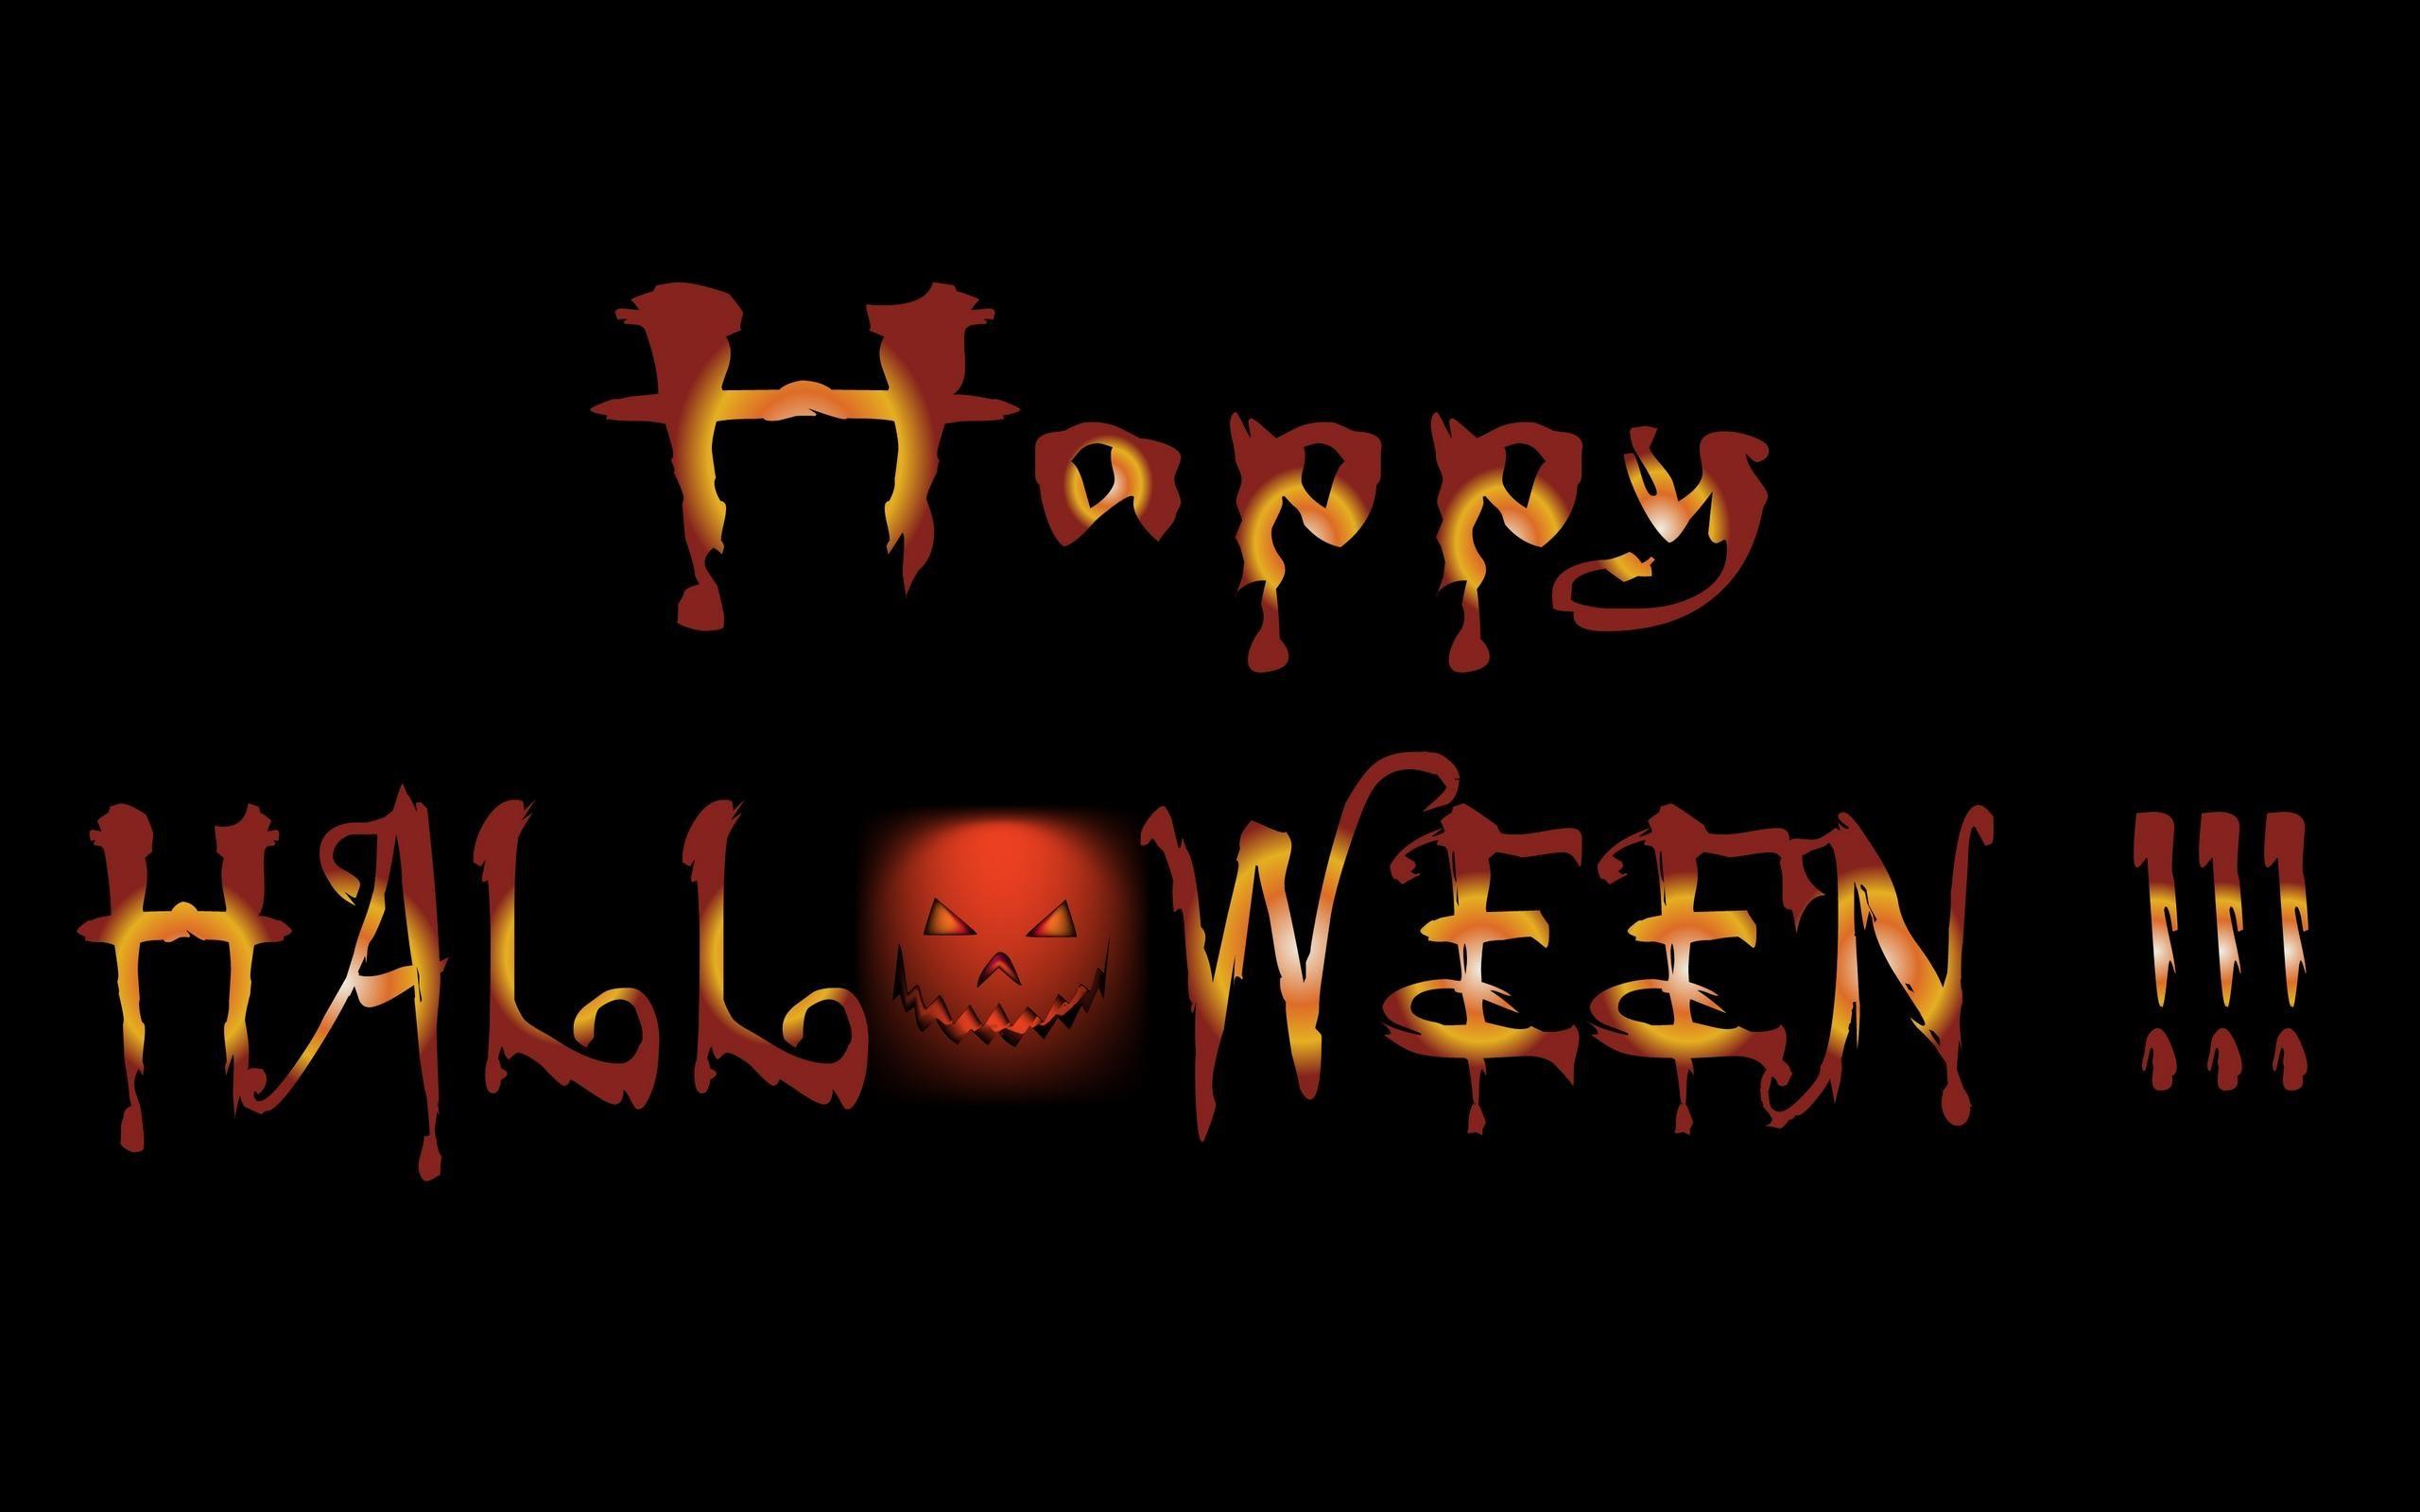 1920x1080 Halloween Desktop Wallpapers Free Download